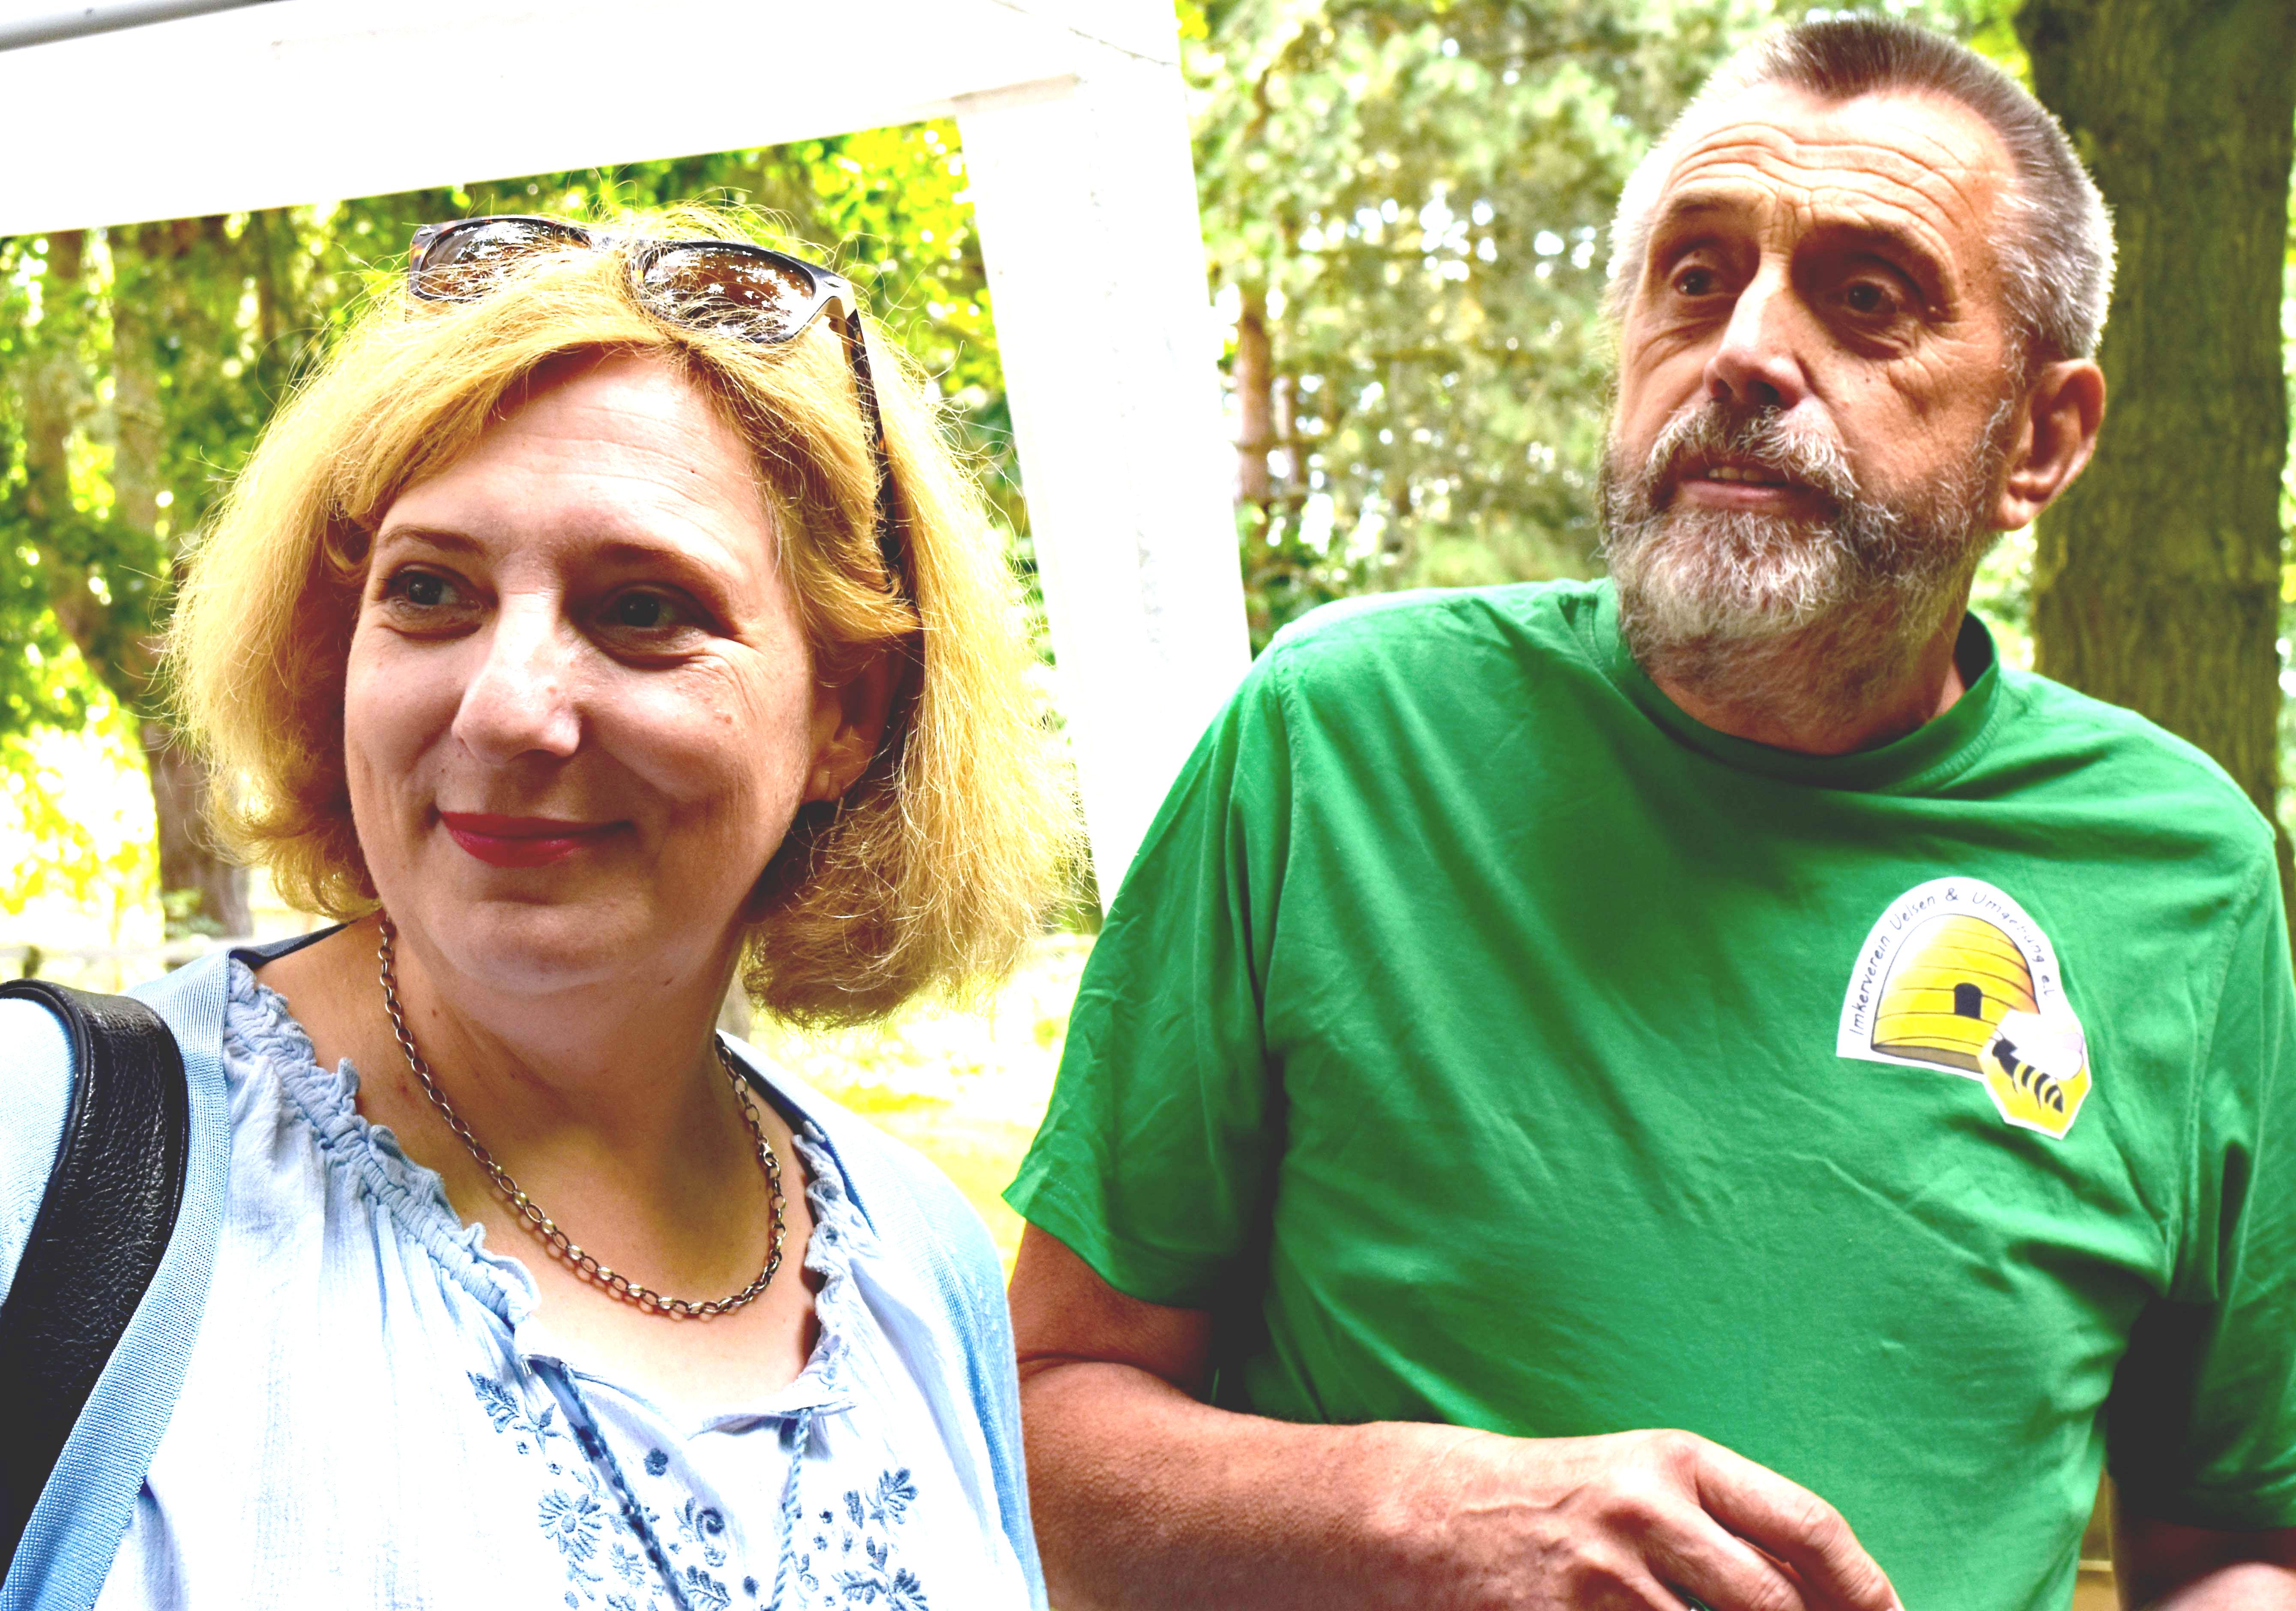 Daniela im Gespräch mit dem Hofimker (002)